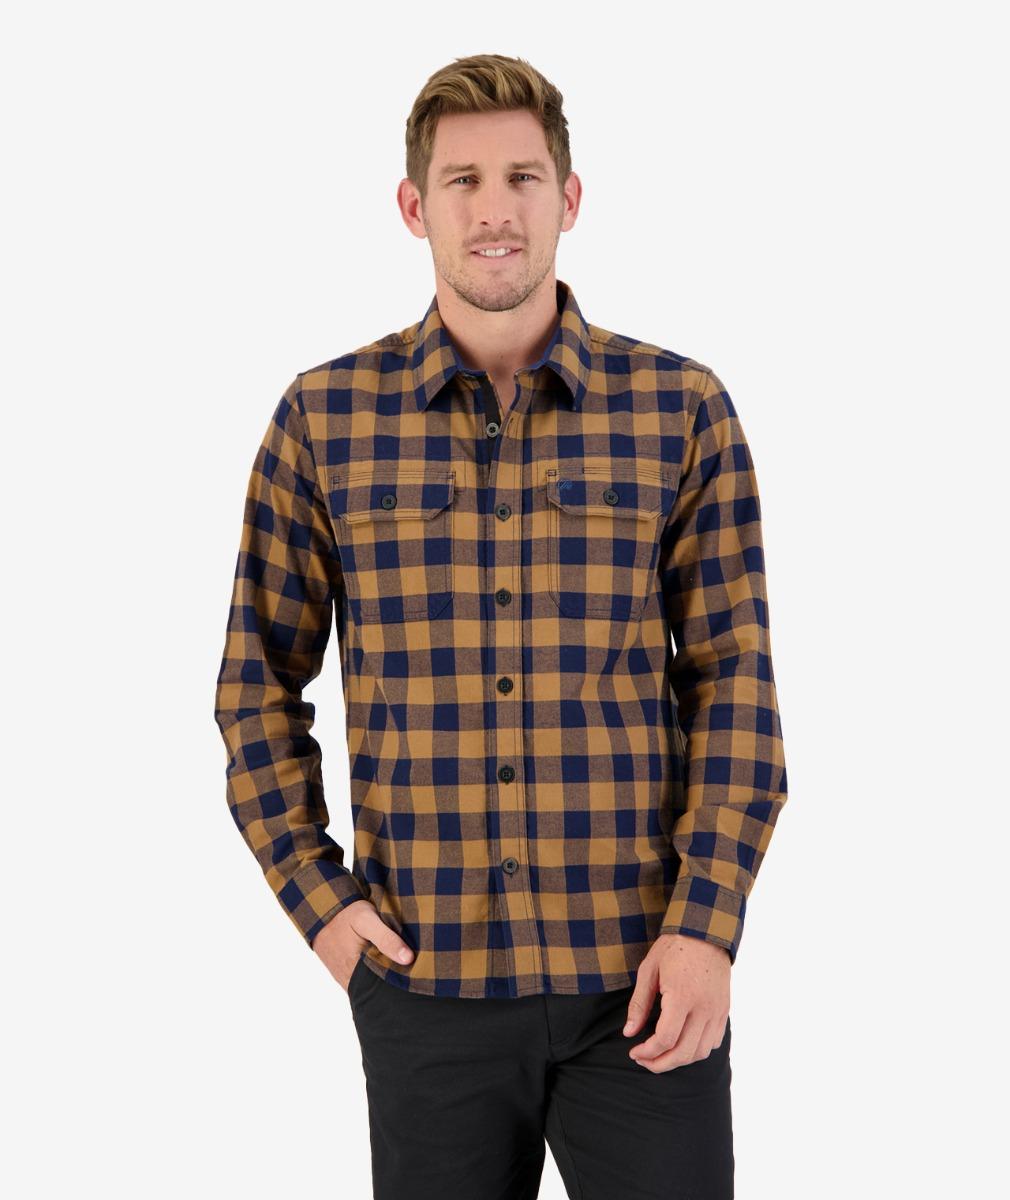 Taranaki Tailor L/S Work Shirt in Gold Navy